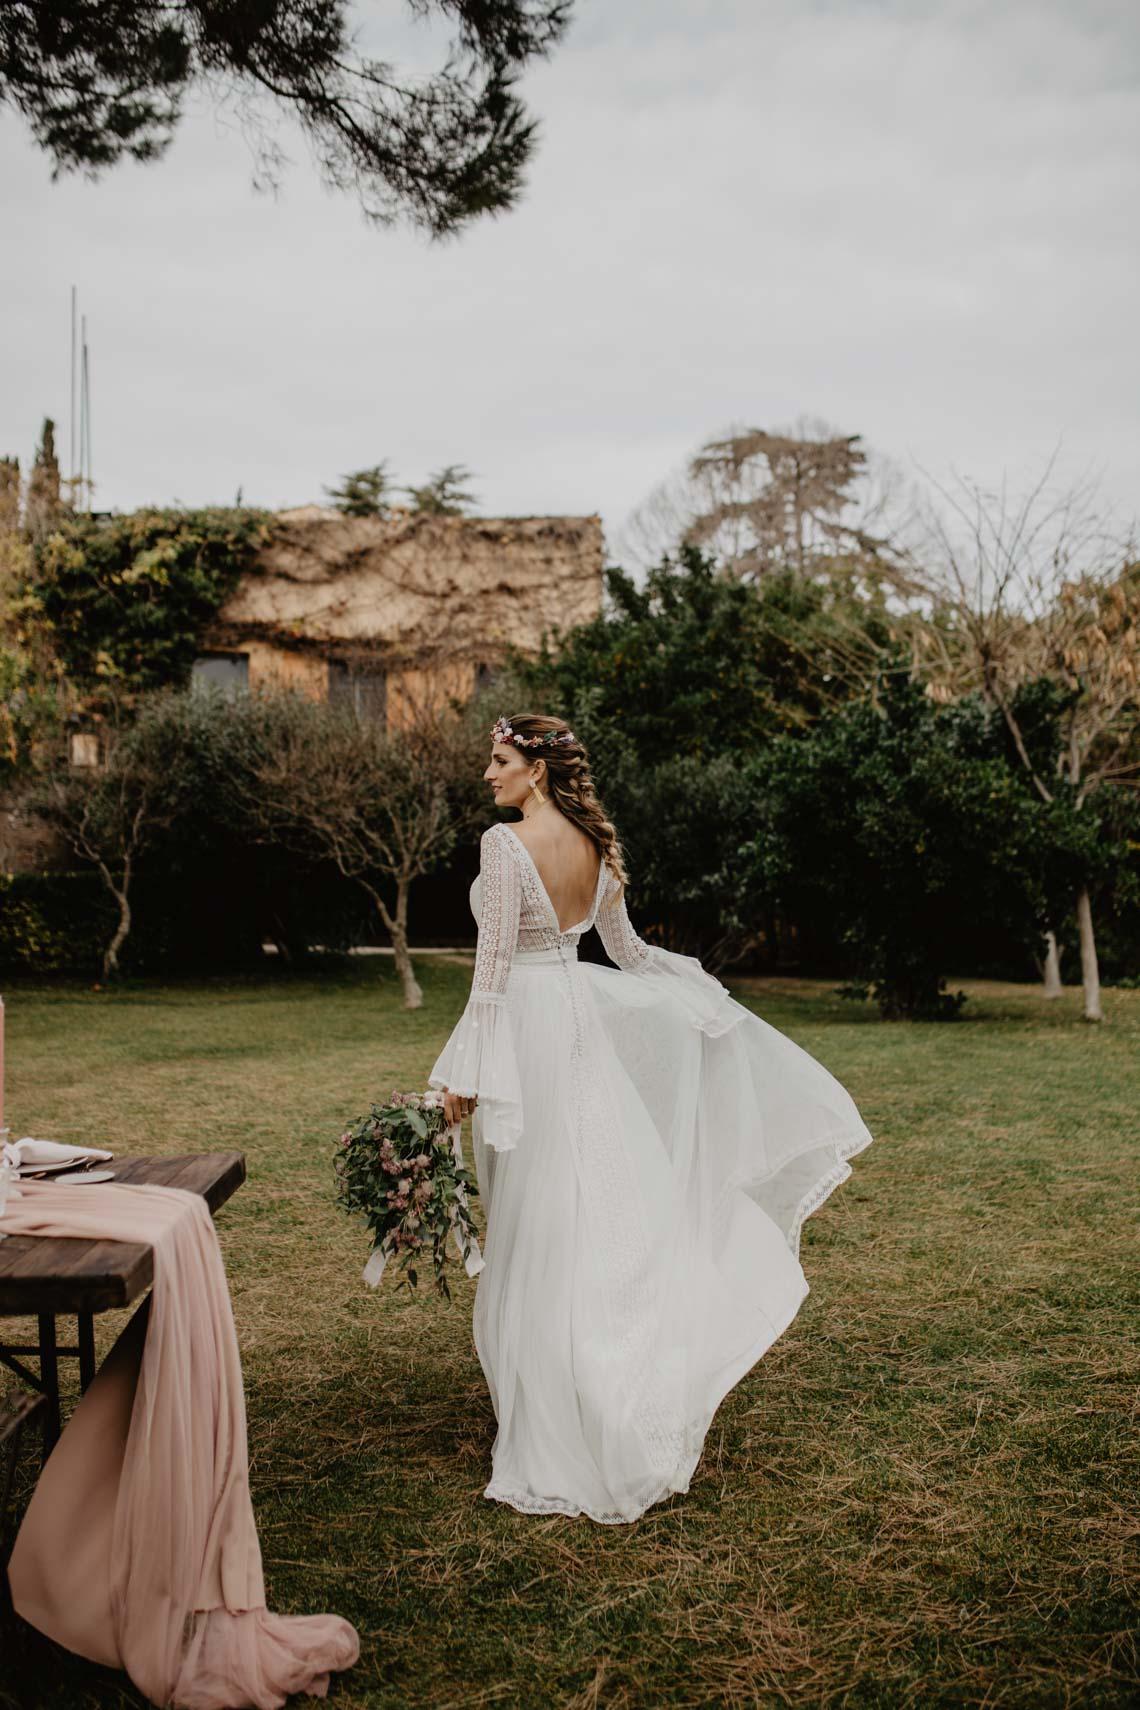 una-novia-toques-rosas-lavetis-miss-cavallier-4